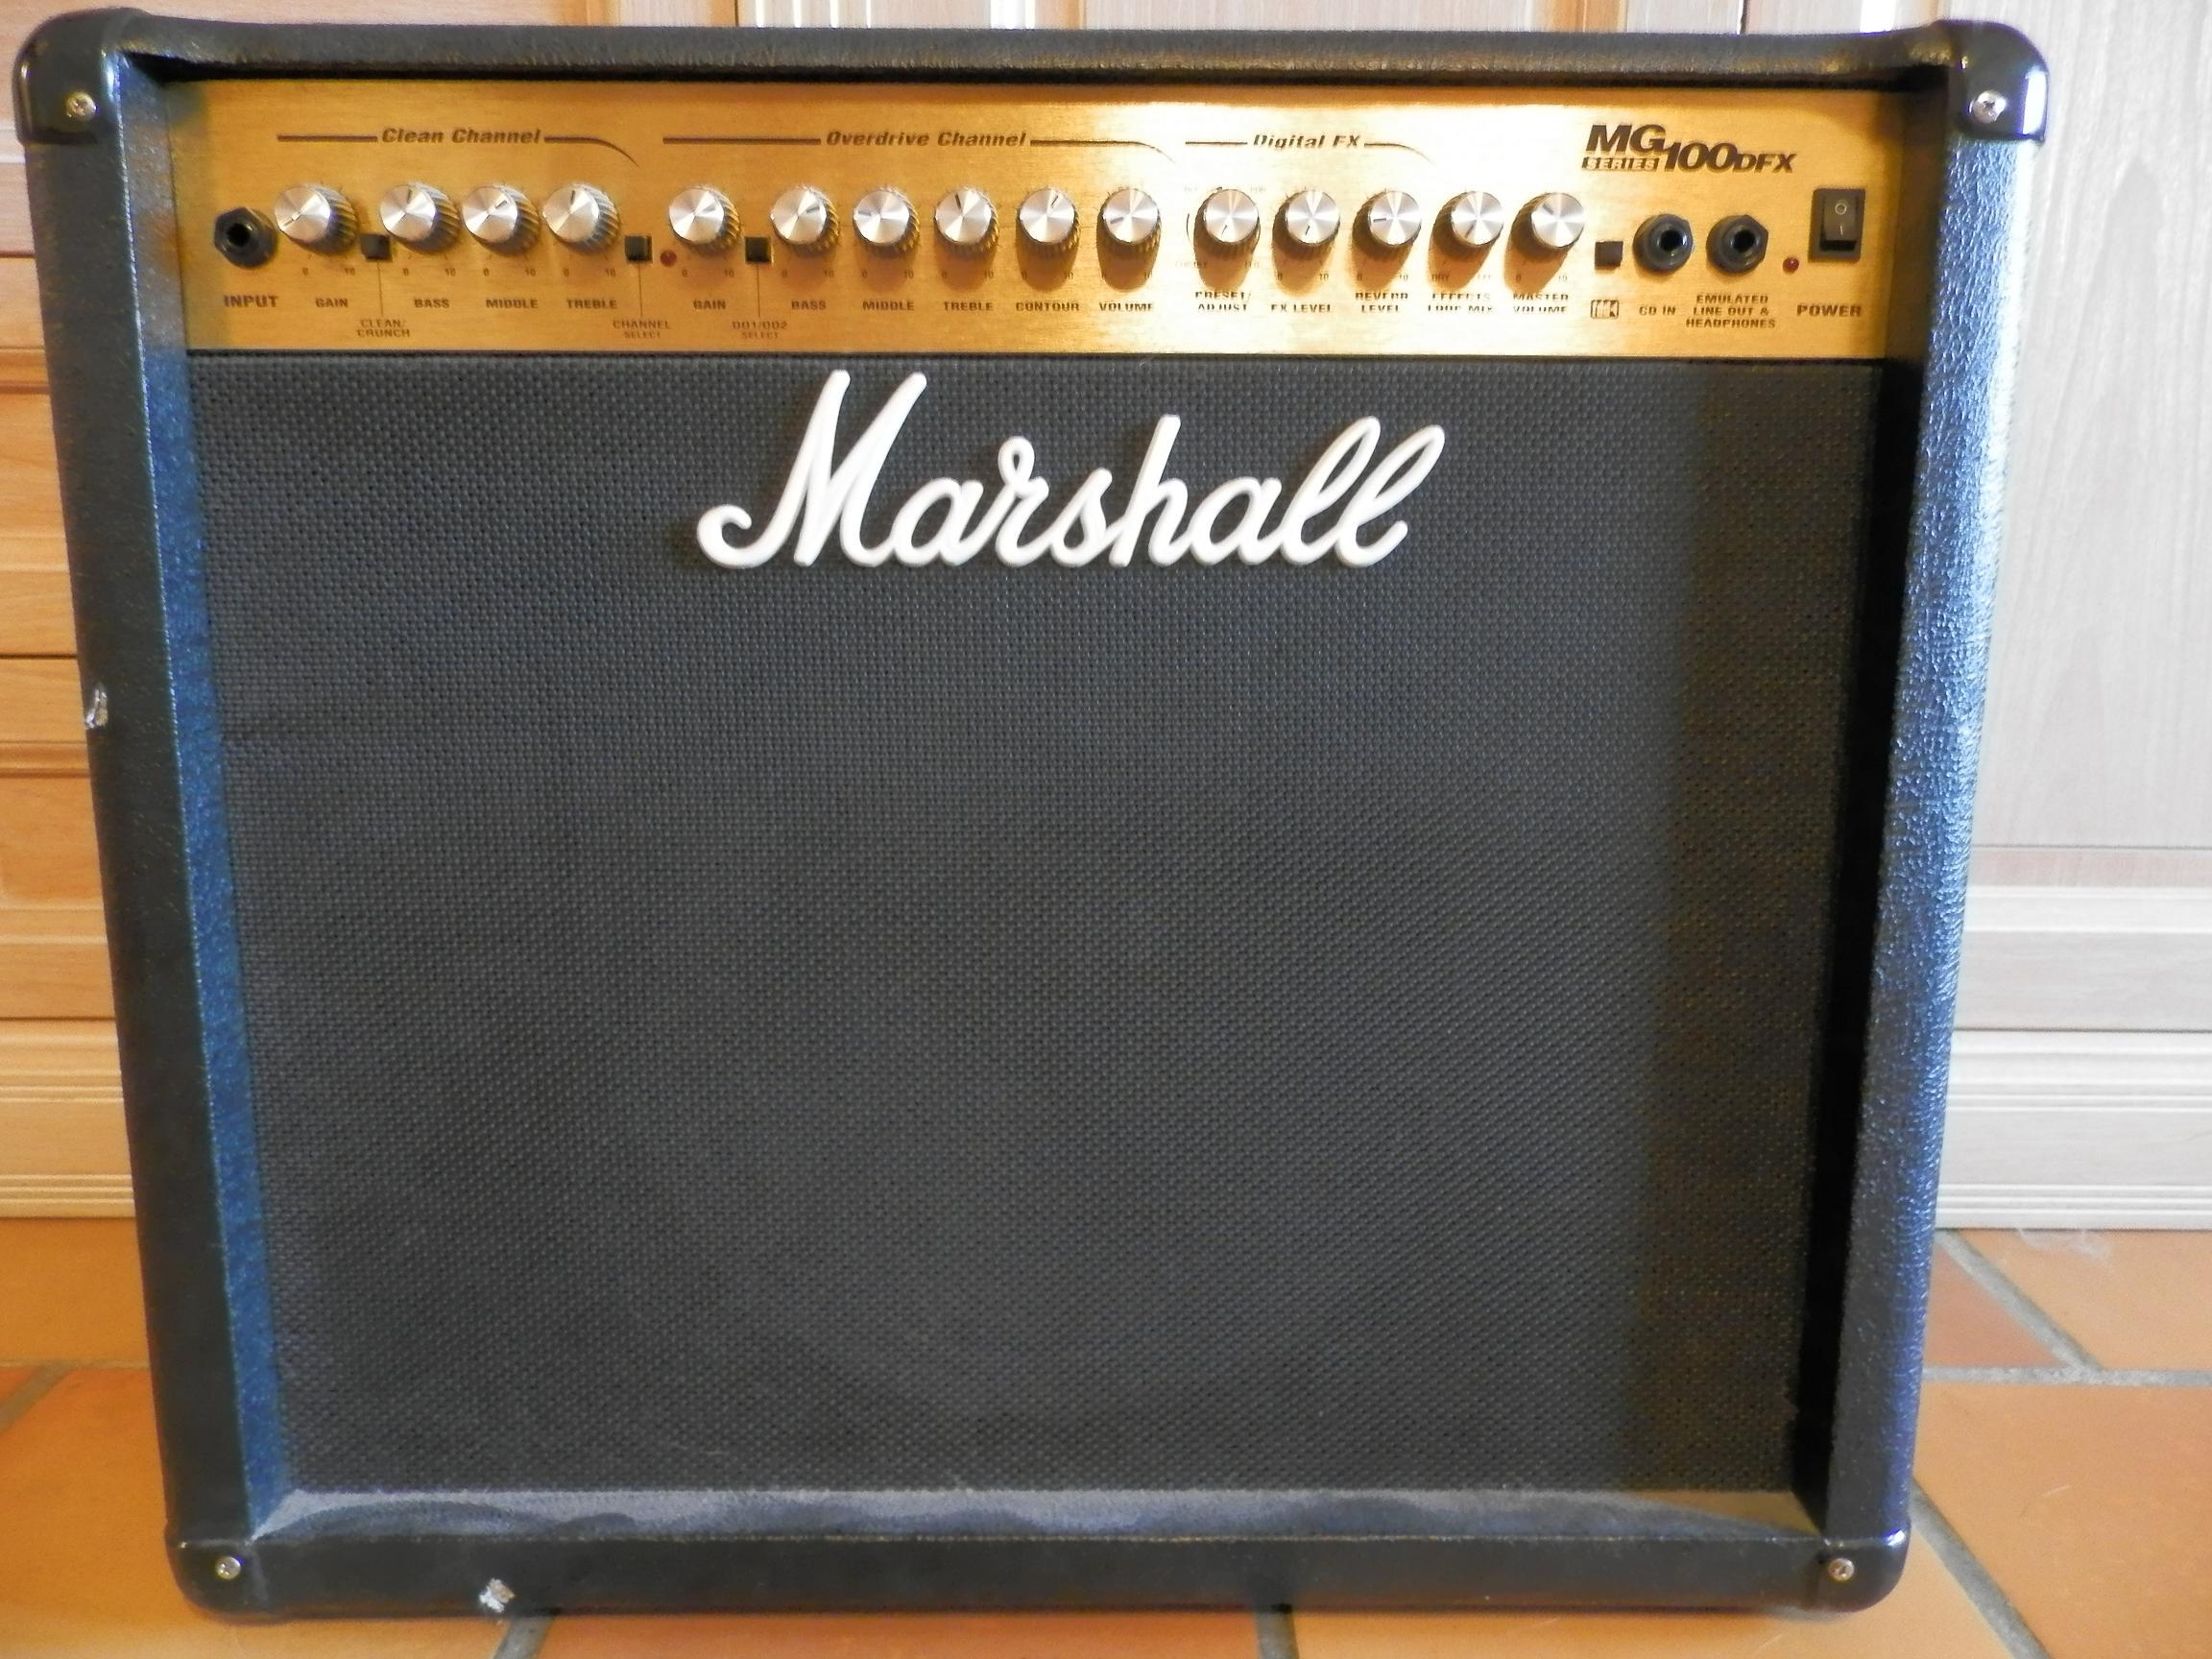 Marshall Mg100dfx Image   464886